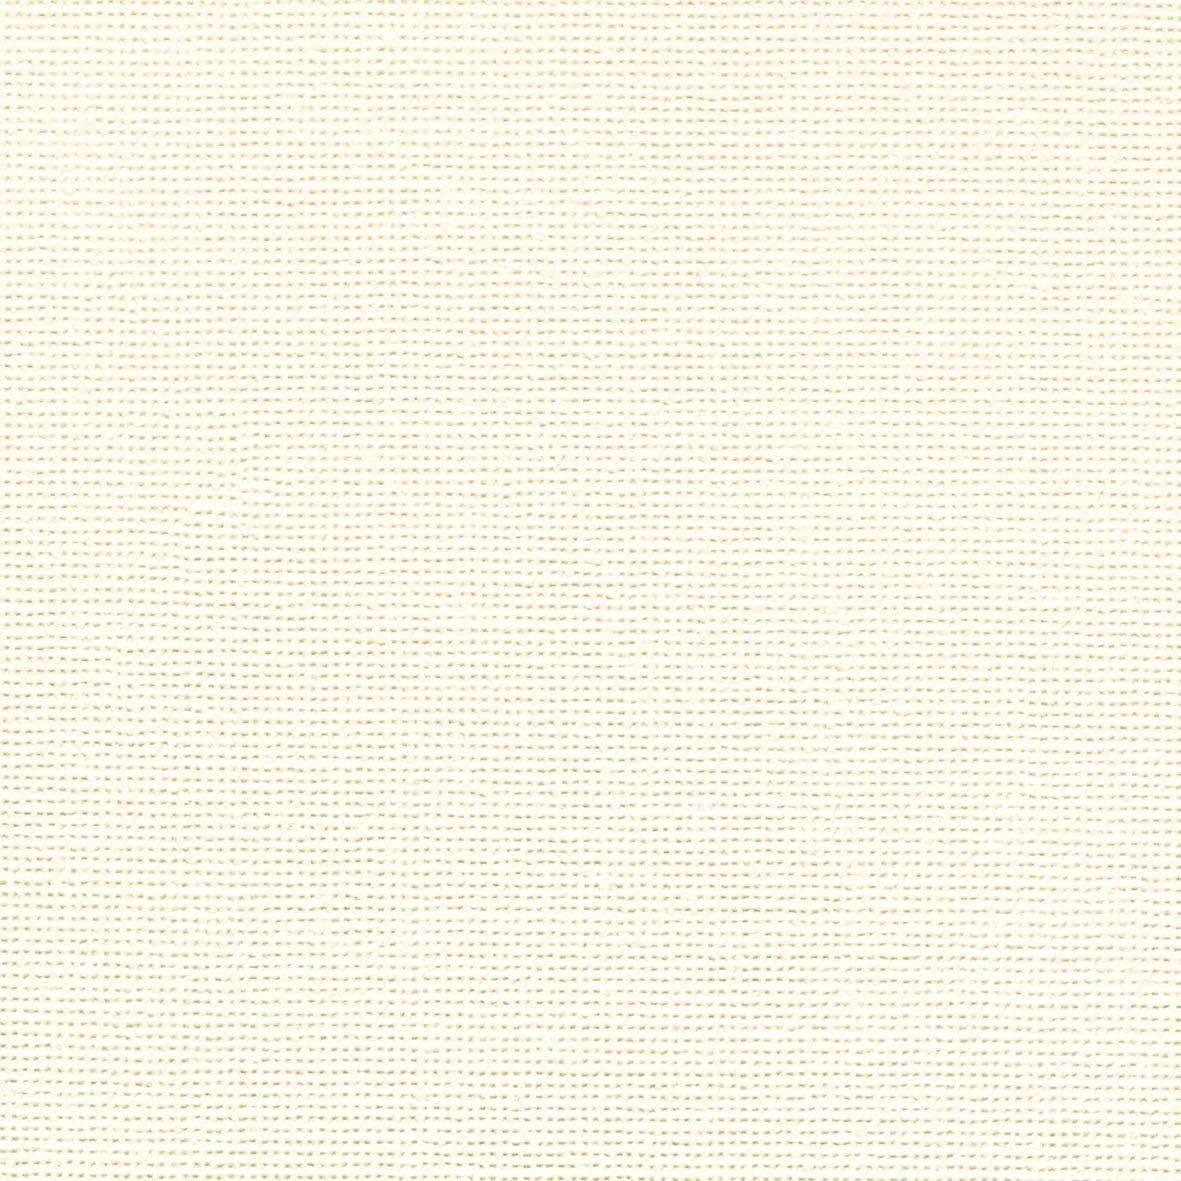 リリカラ 壁紙36m シンフル 織物調 ベージュ 撥水トップコートComfort Selection-Basic & Color- LW-2259 B07613RBW8 36m|ベージュ3